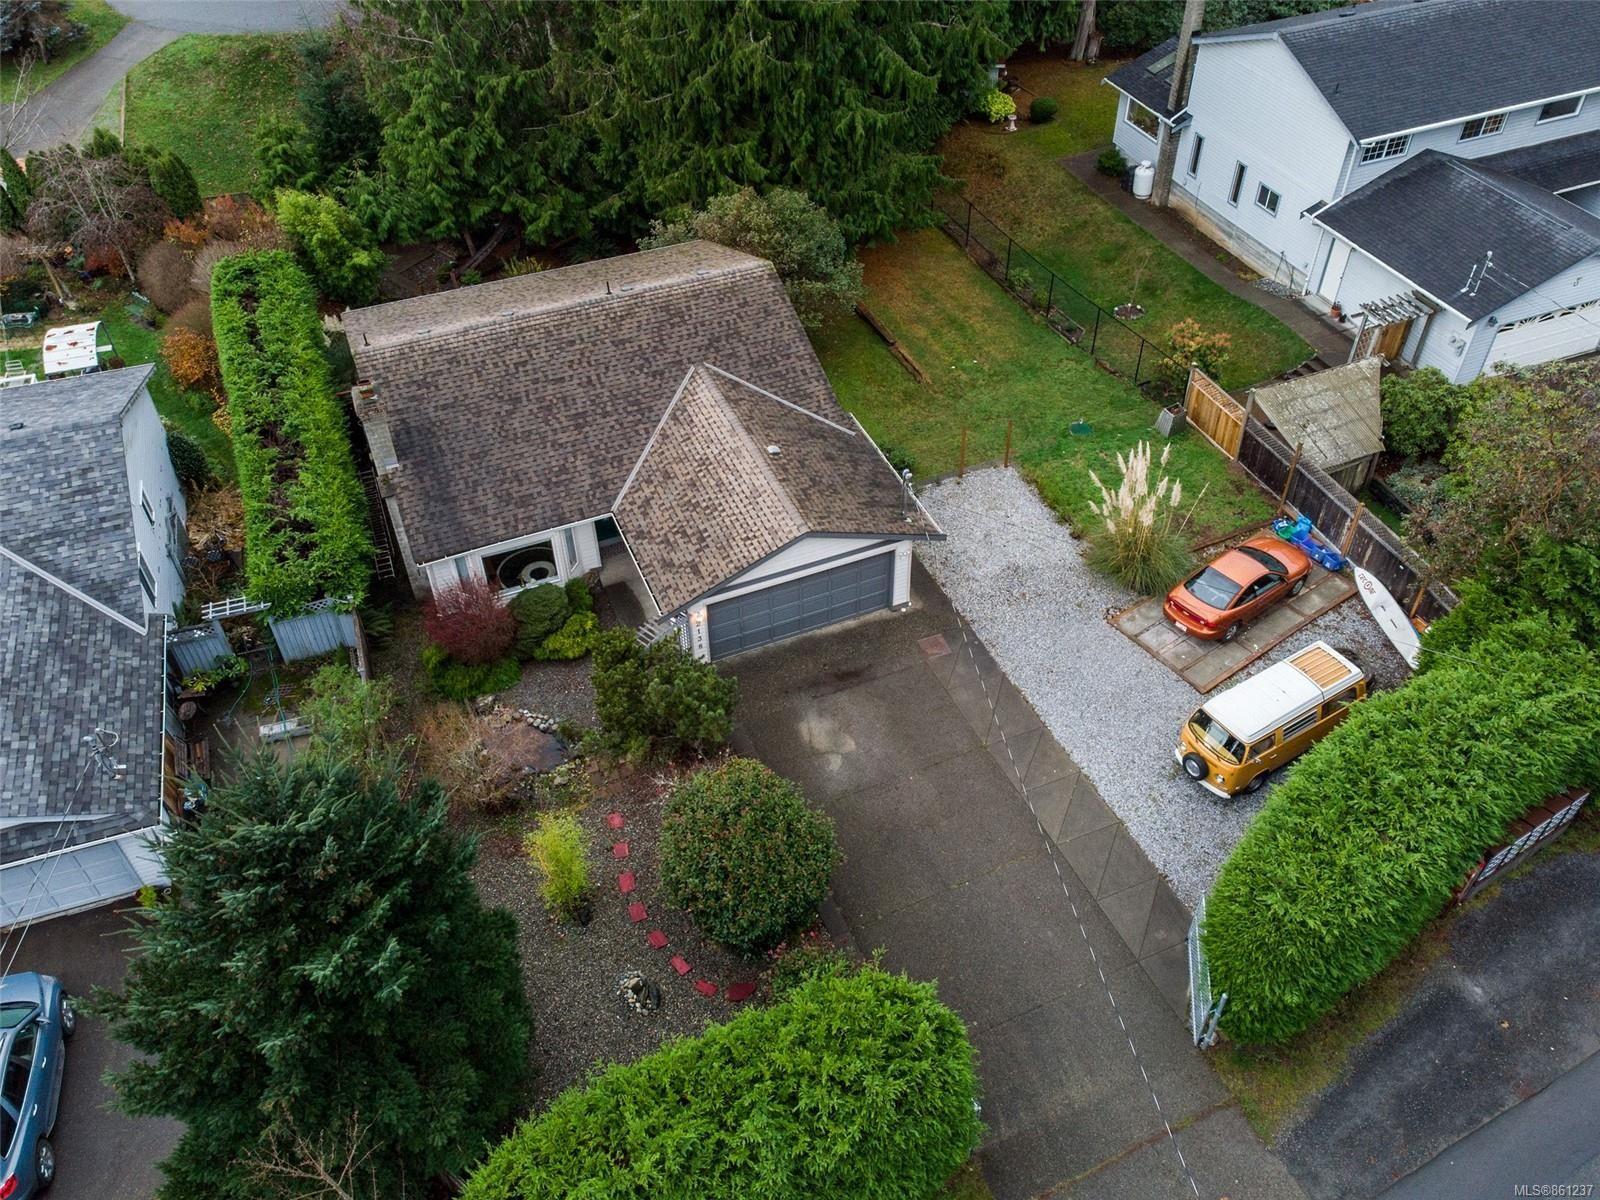 Main Photo: 2138 Henlyn Dr in : Sk John Muir House for sale (Sooke)  : MLS®# 861237